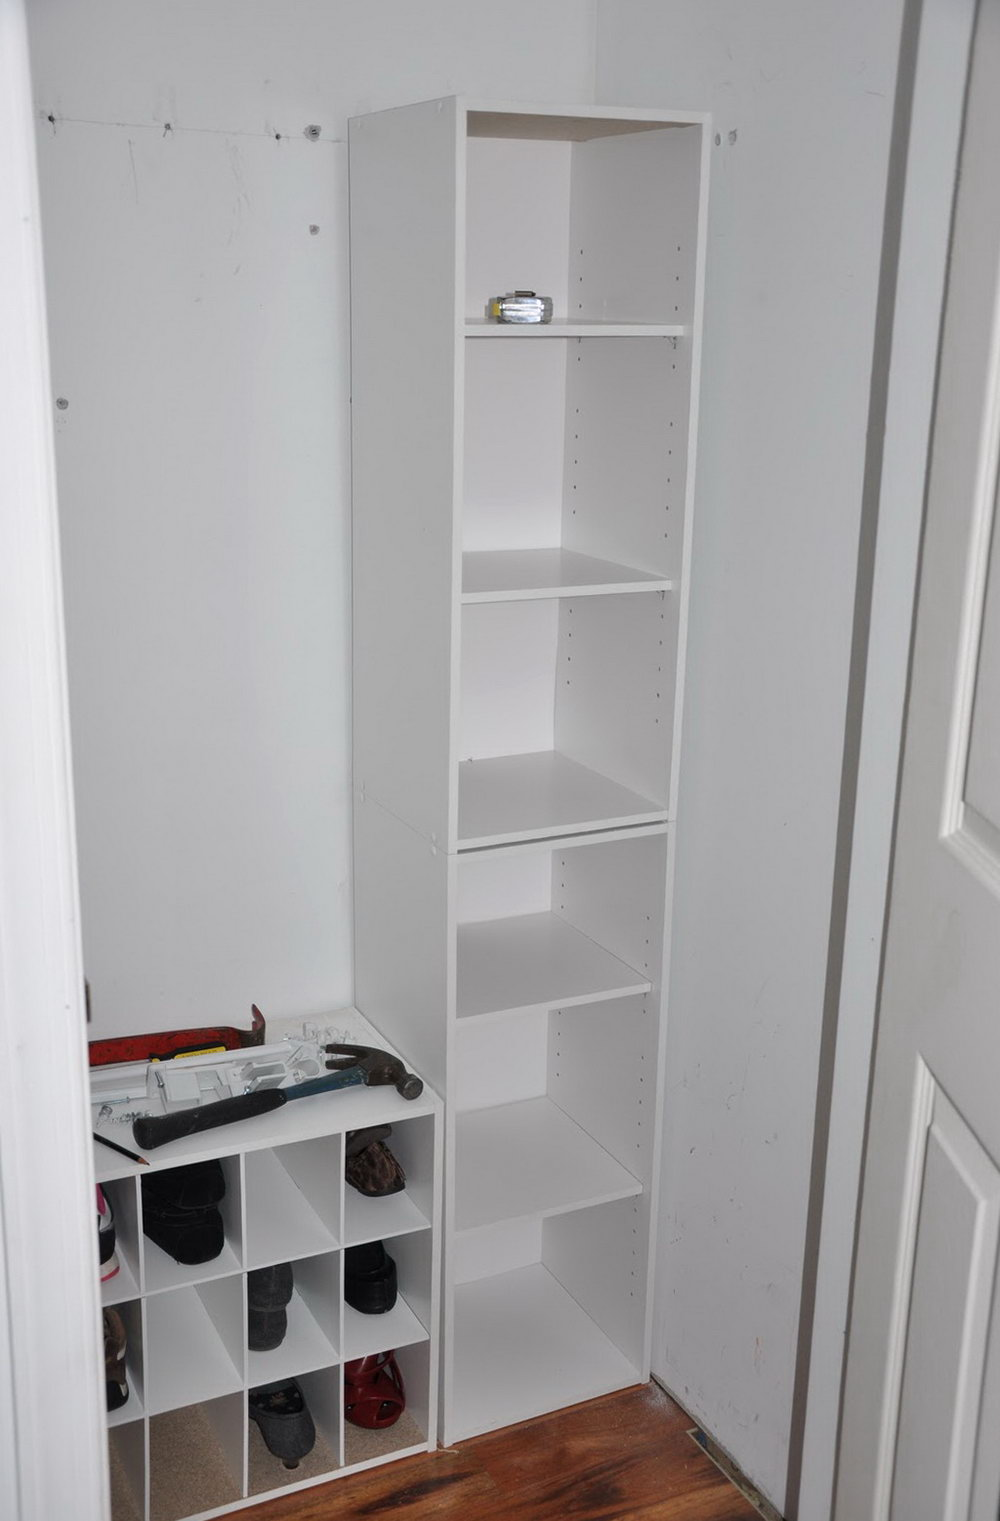 Lowes Rubbermaid Closet Shelves